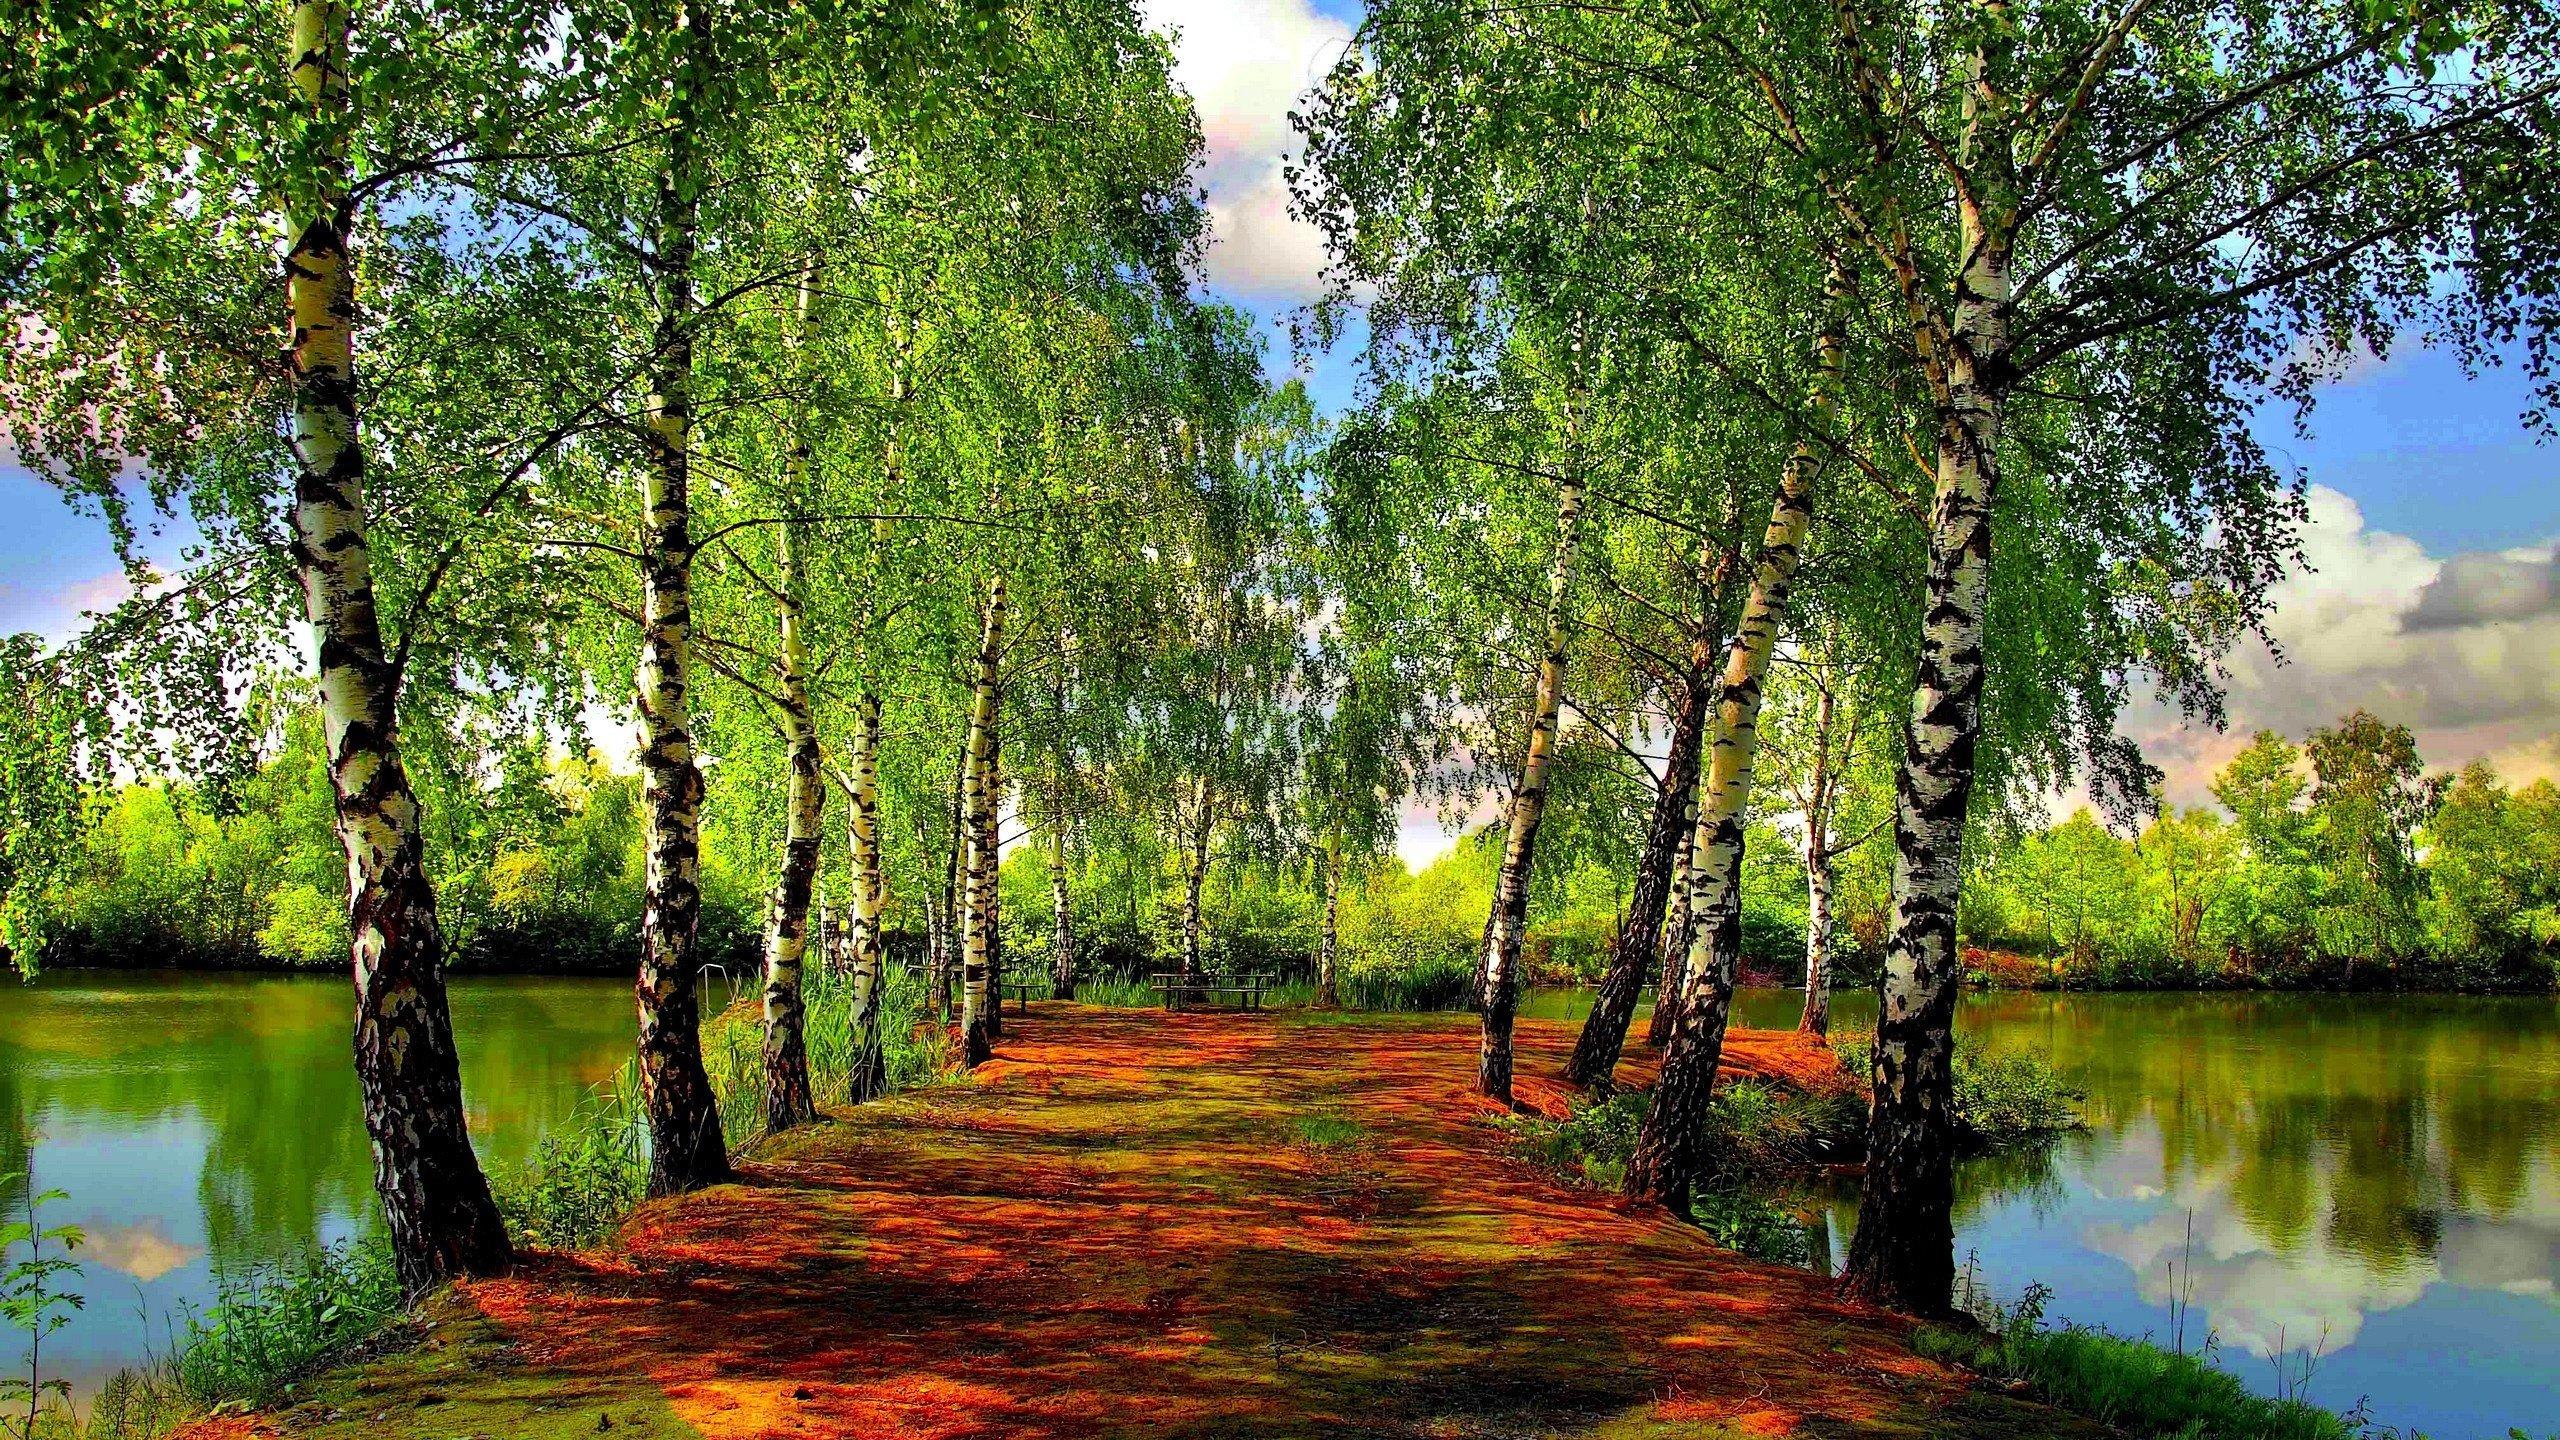 природа береза деревья вода озеро лес  № 2791963 без смс